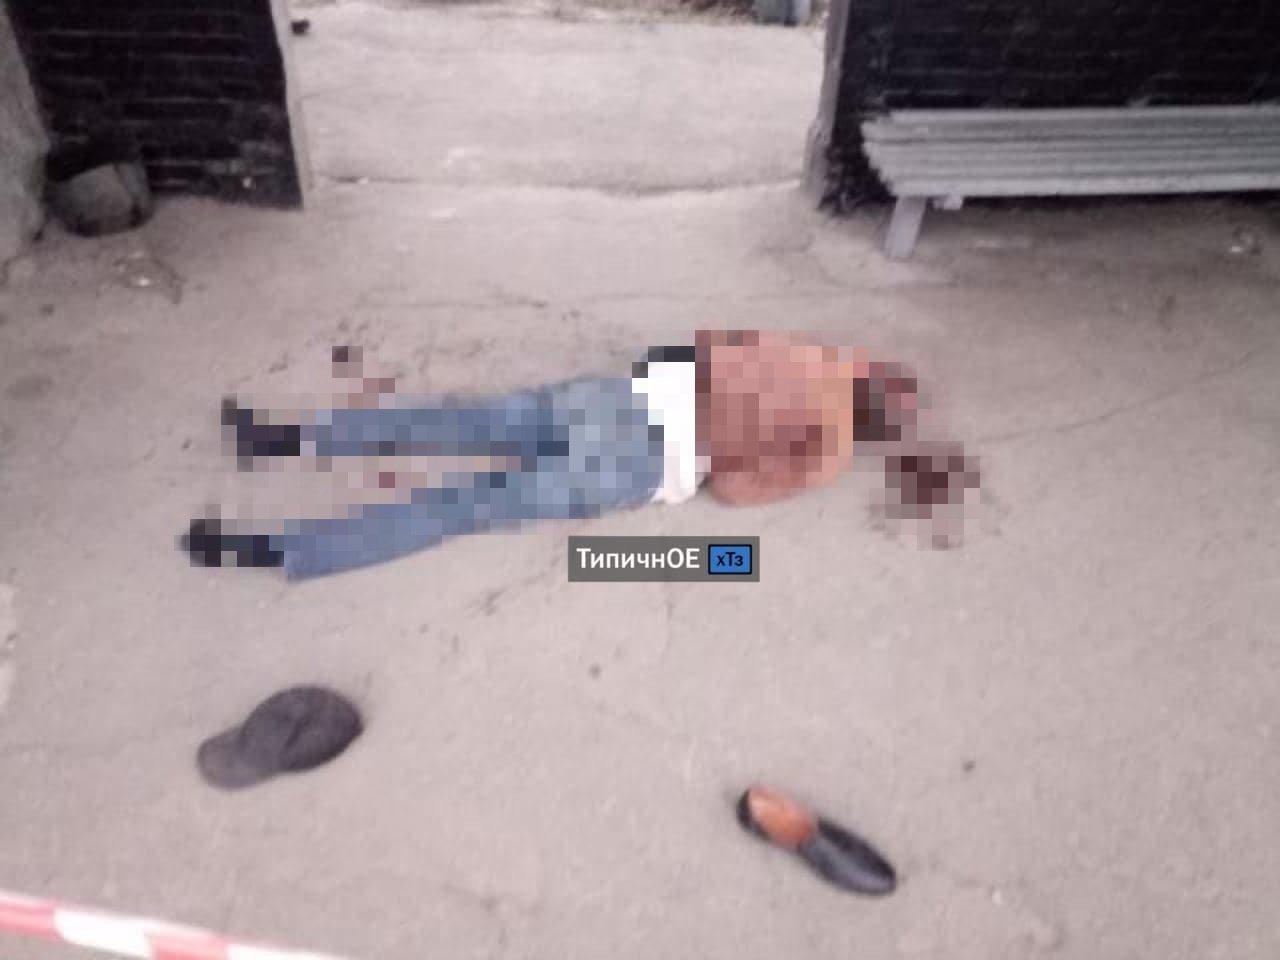 Труп лежал в крови: в Харькове на остановке общественного транспорта нашли мертвого мужчину, - ФОТО, фото-1